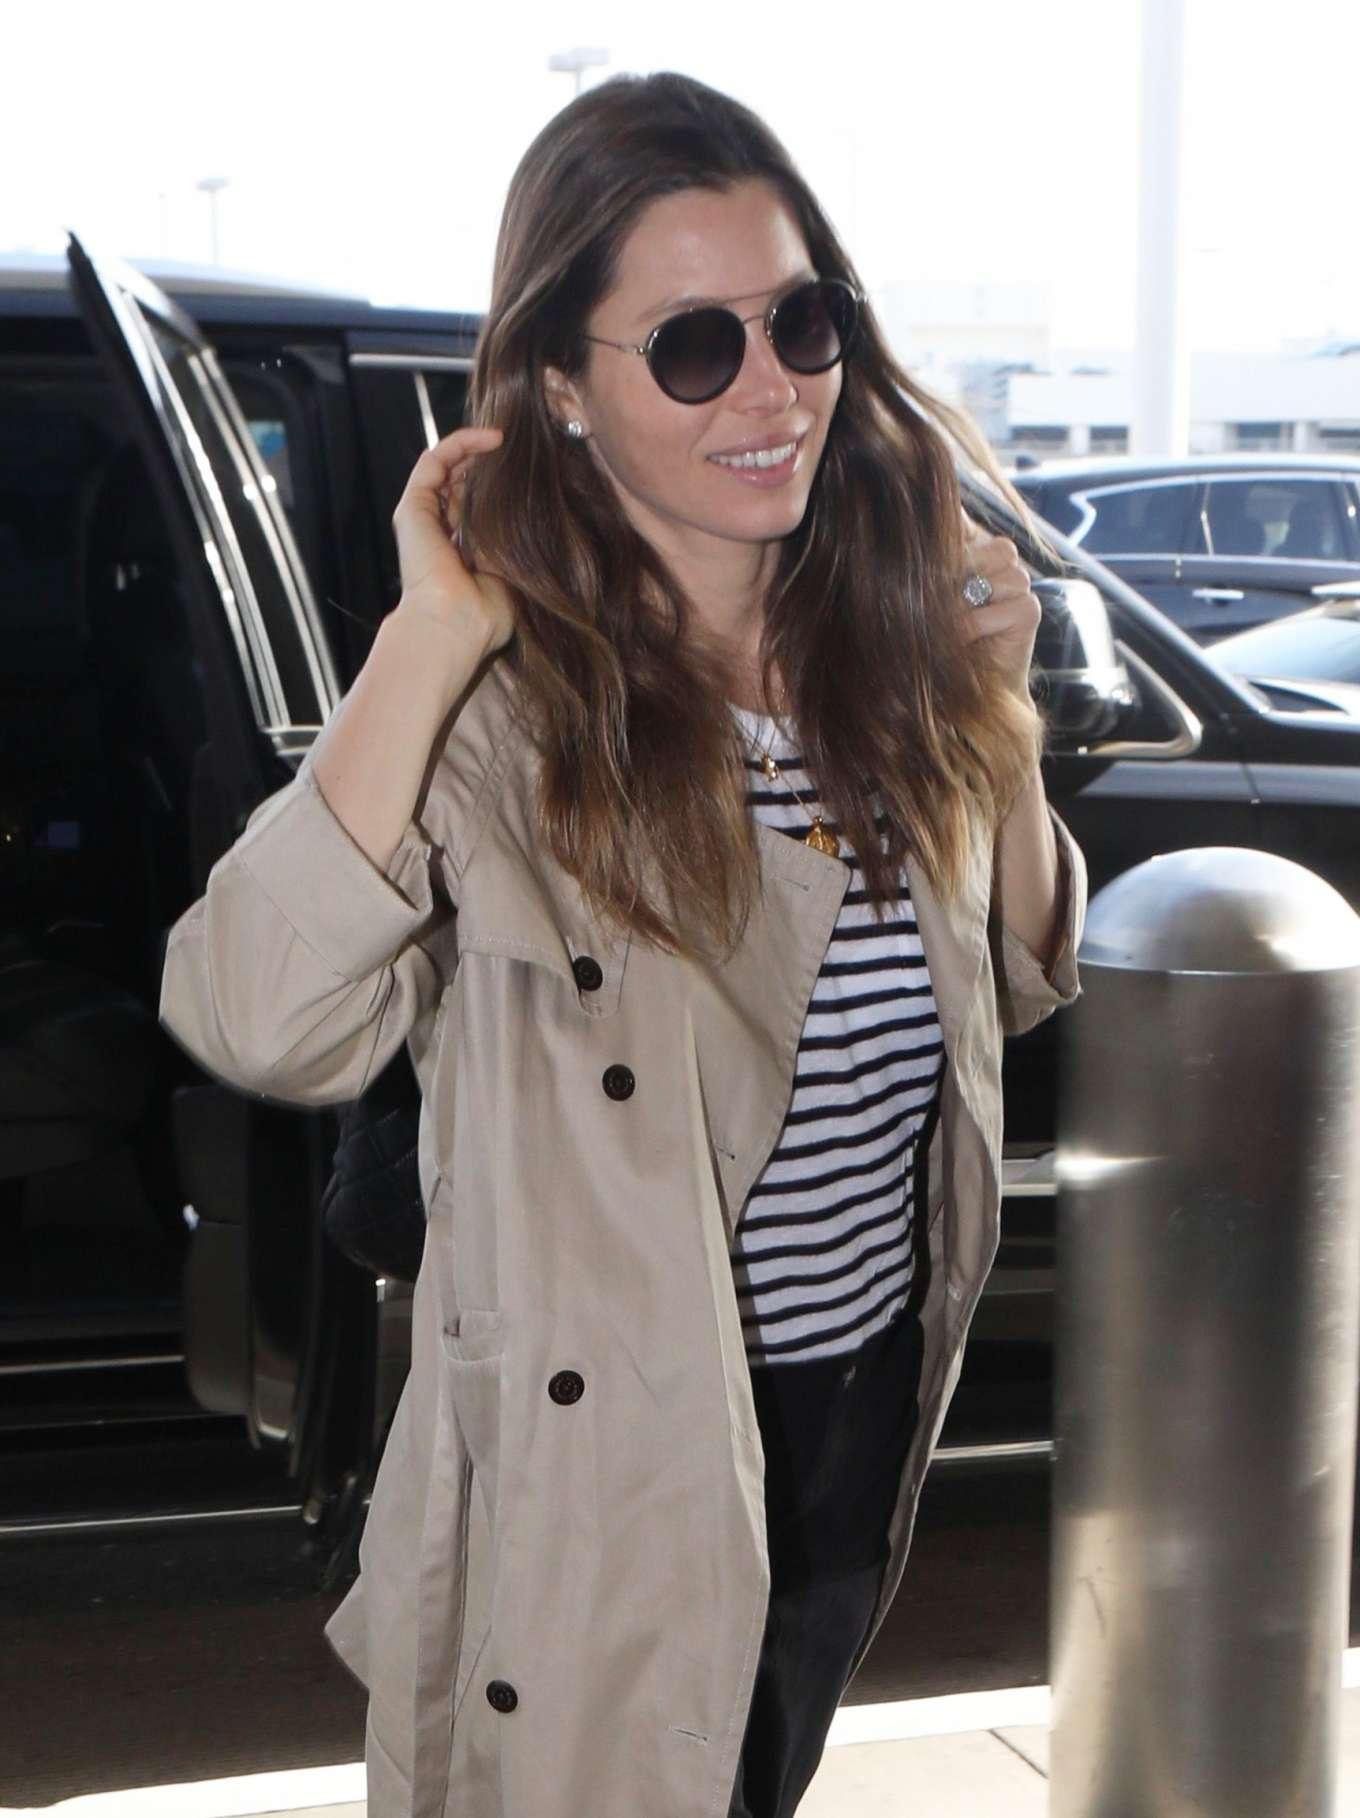 Jessica Biel - Arrives at LAX International Airport in LA